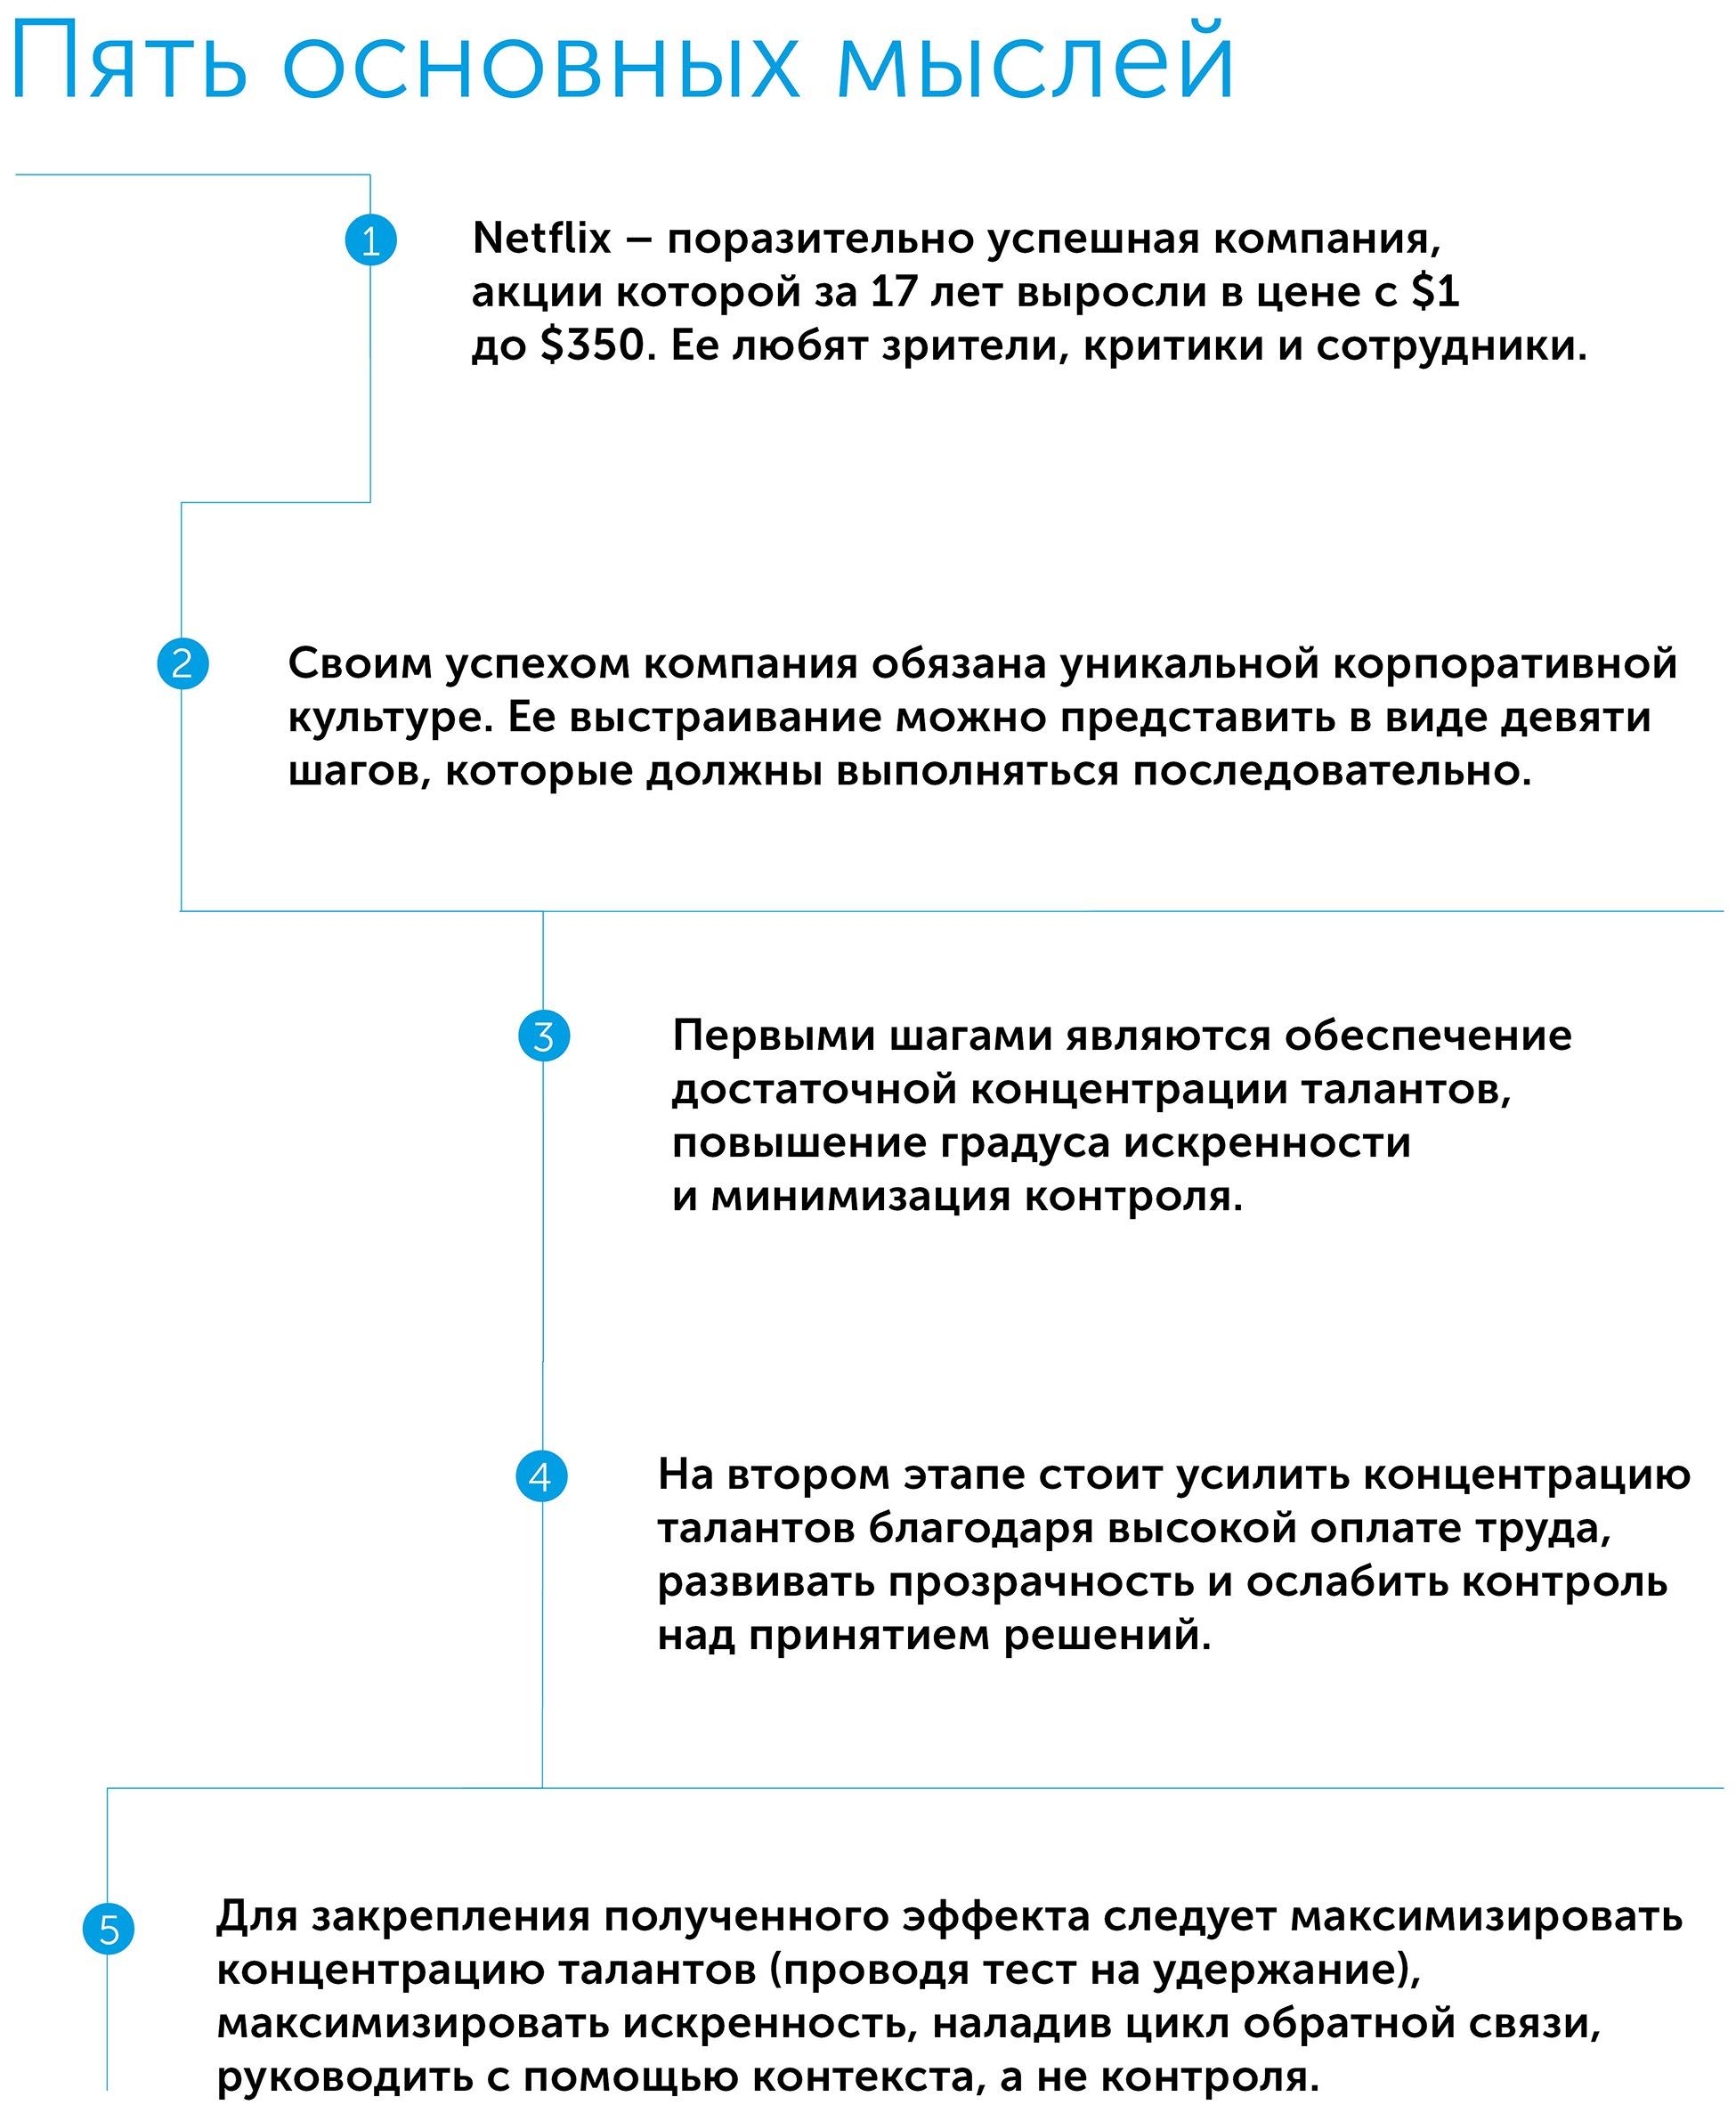 Правило «никаких правил», автор Рид Хастингс | Kyivstar Business Hub, изображение №2